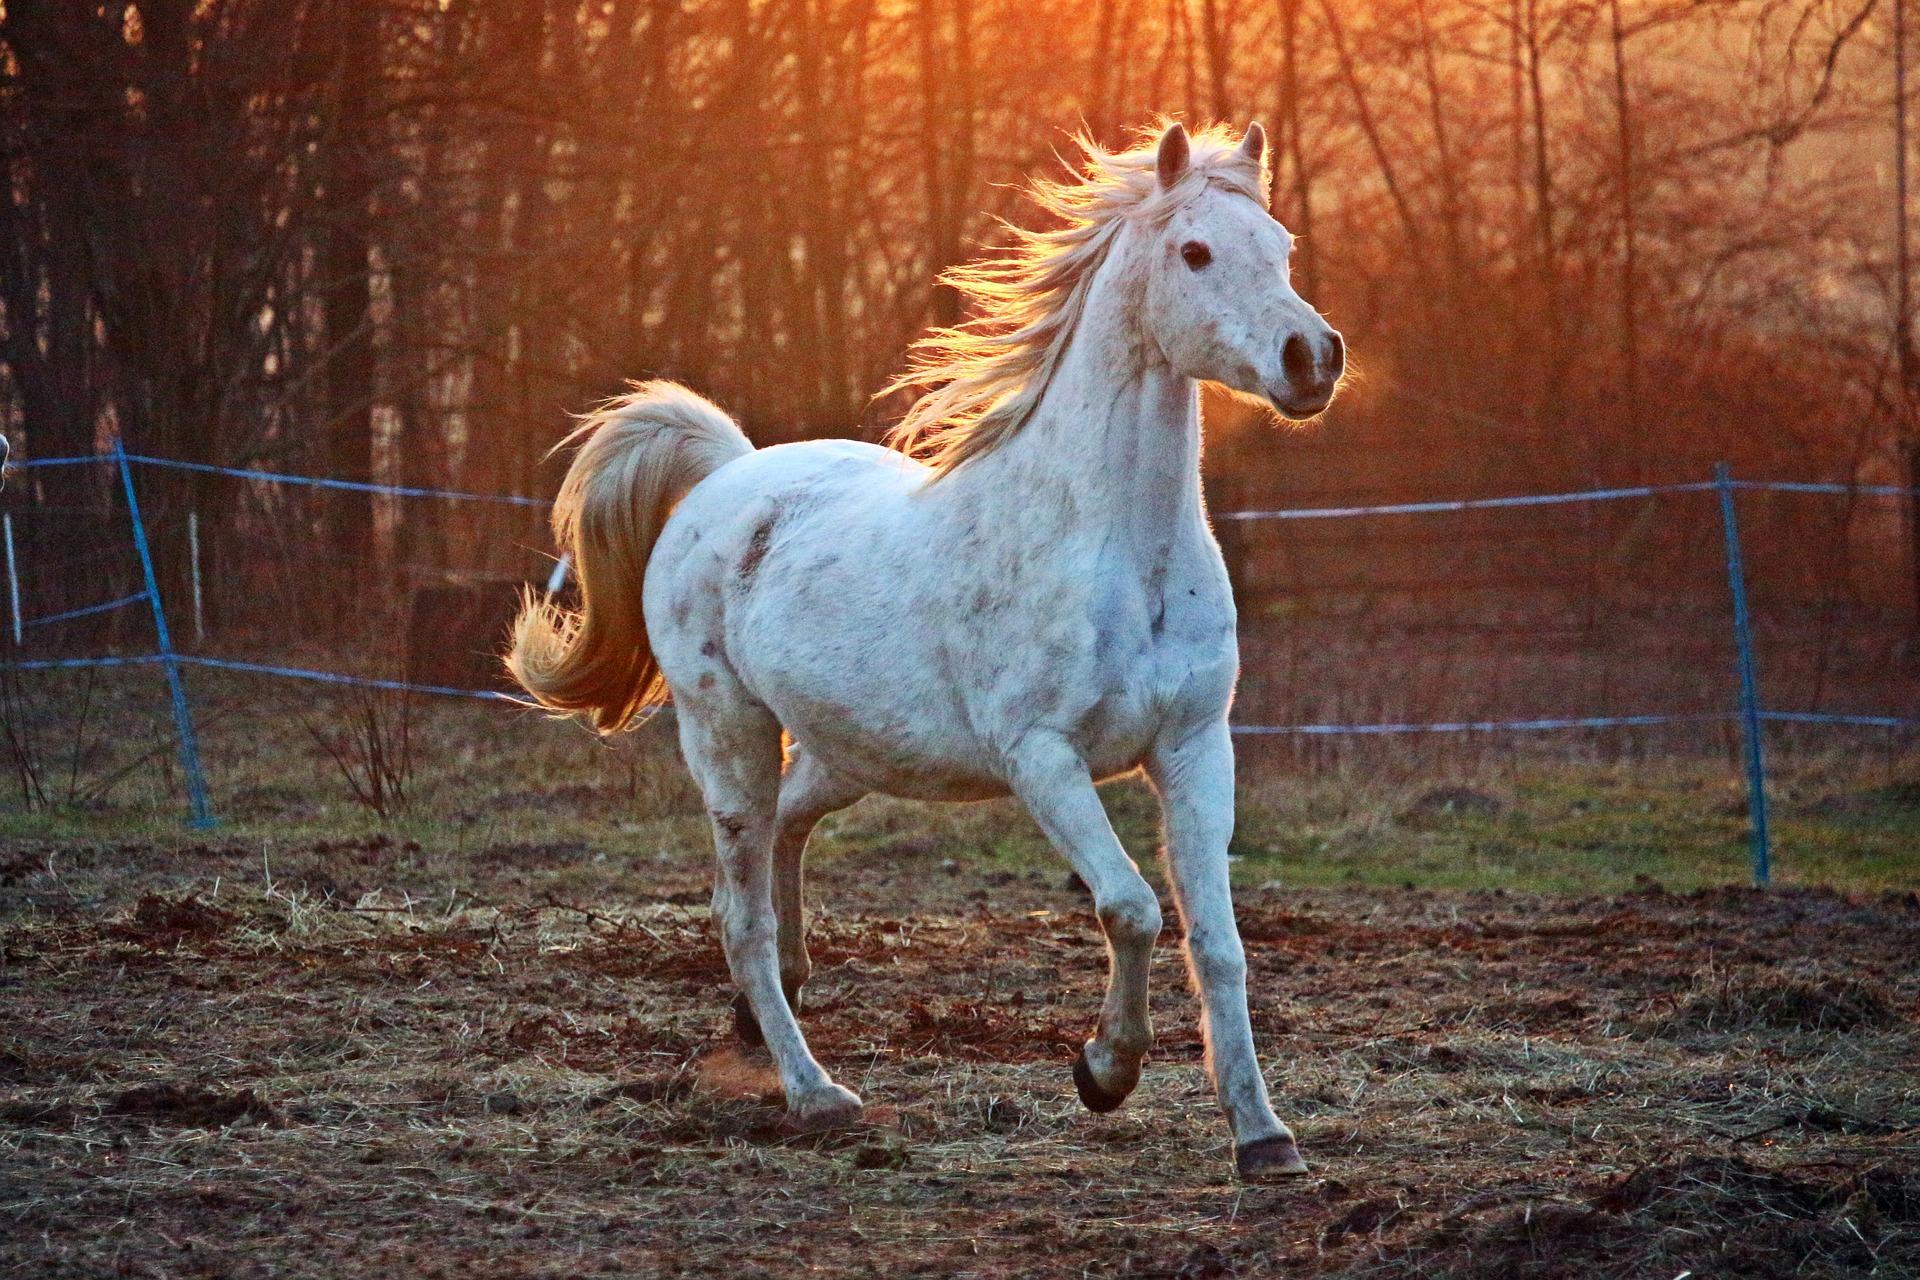 Jaką rolę w diecie pełnią witaminy dla koni?